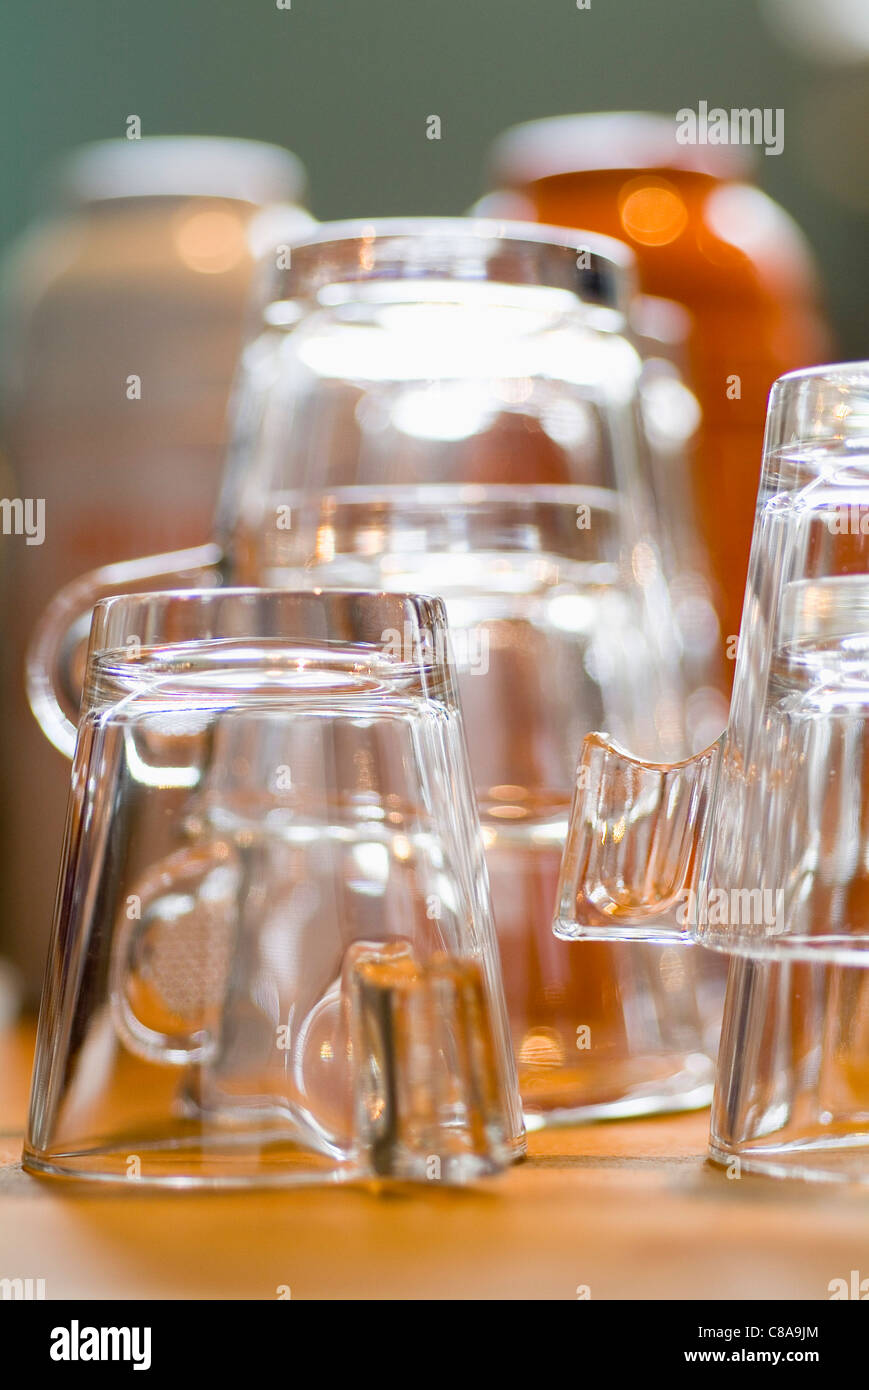 Limpiar y tazas de vidrio vacío Imagen De Stock